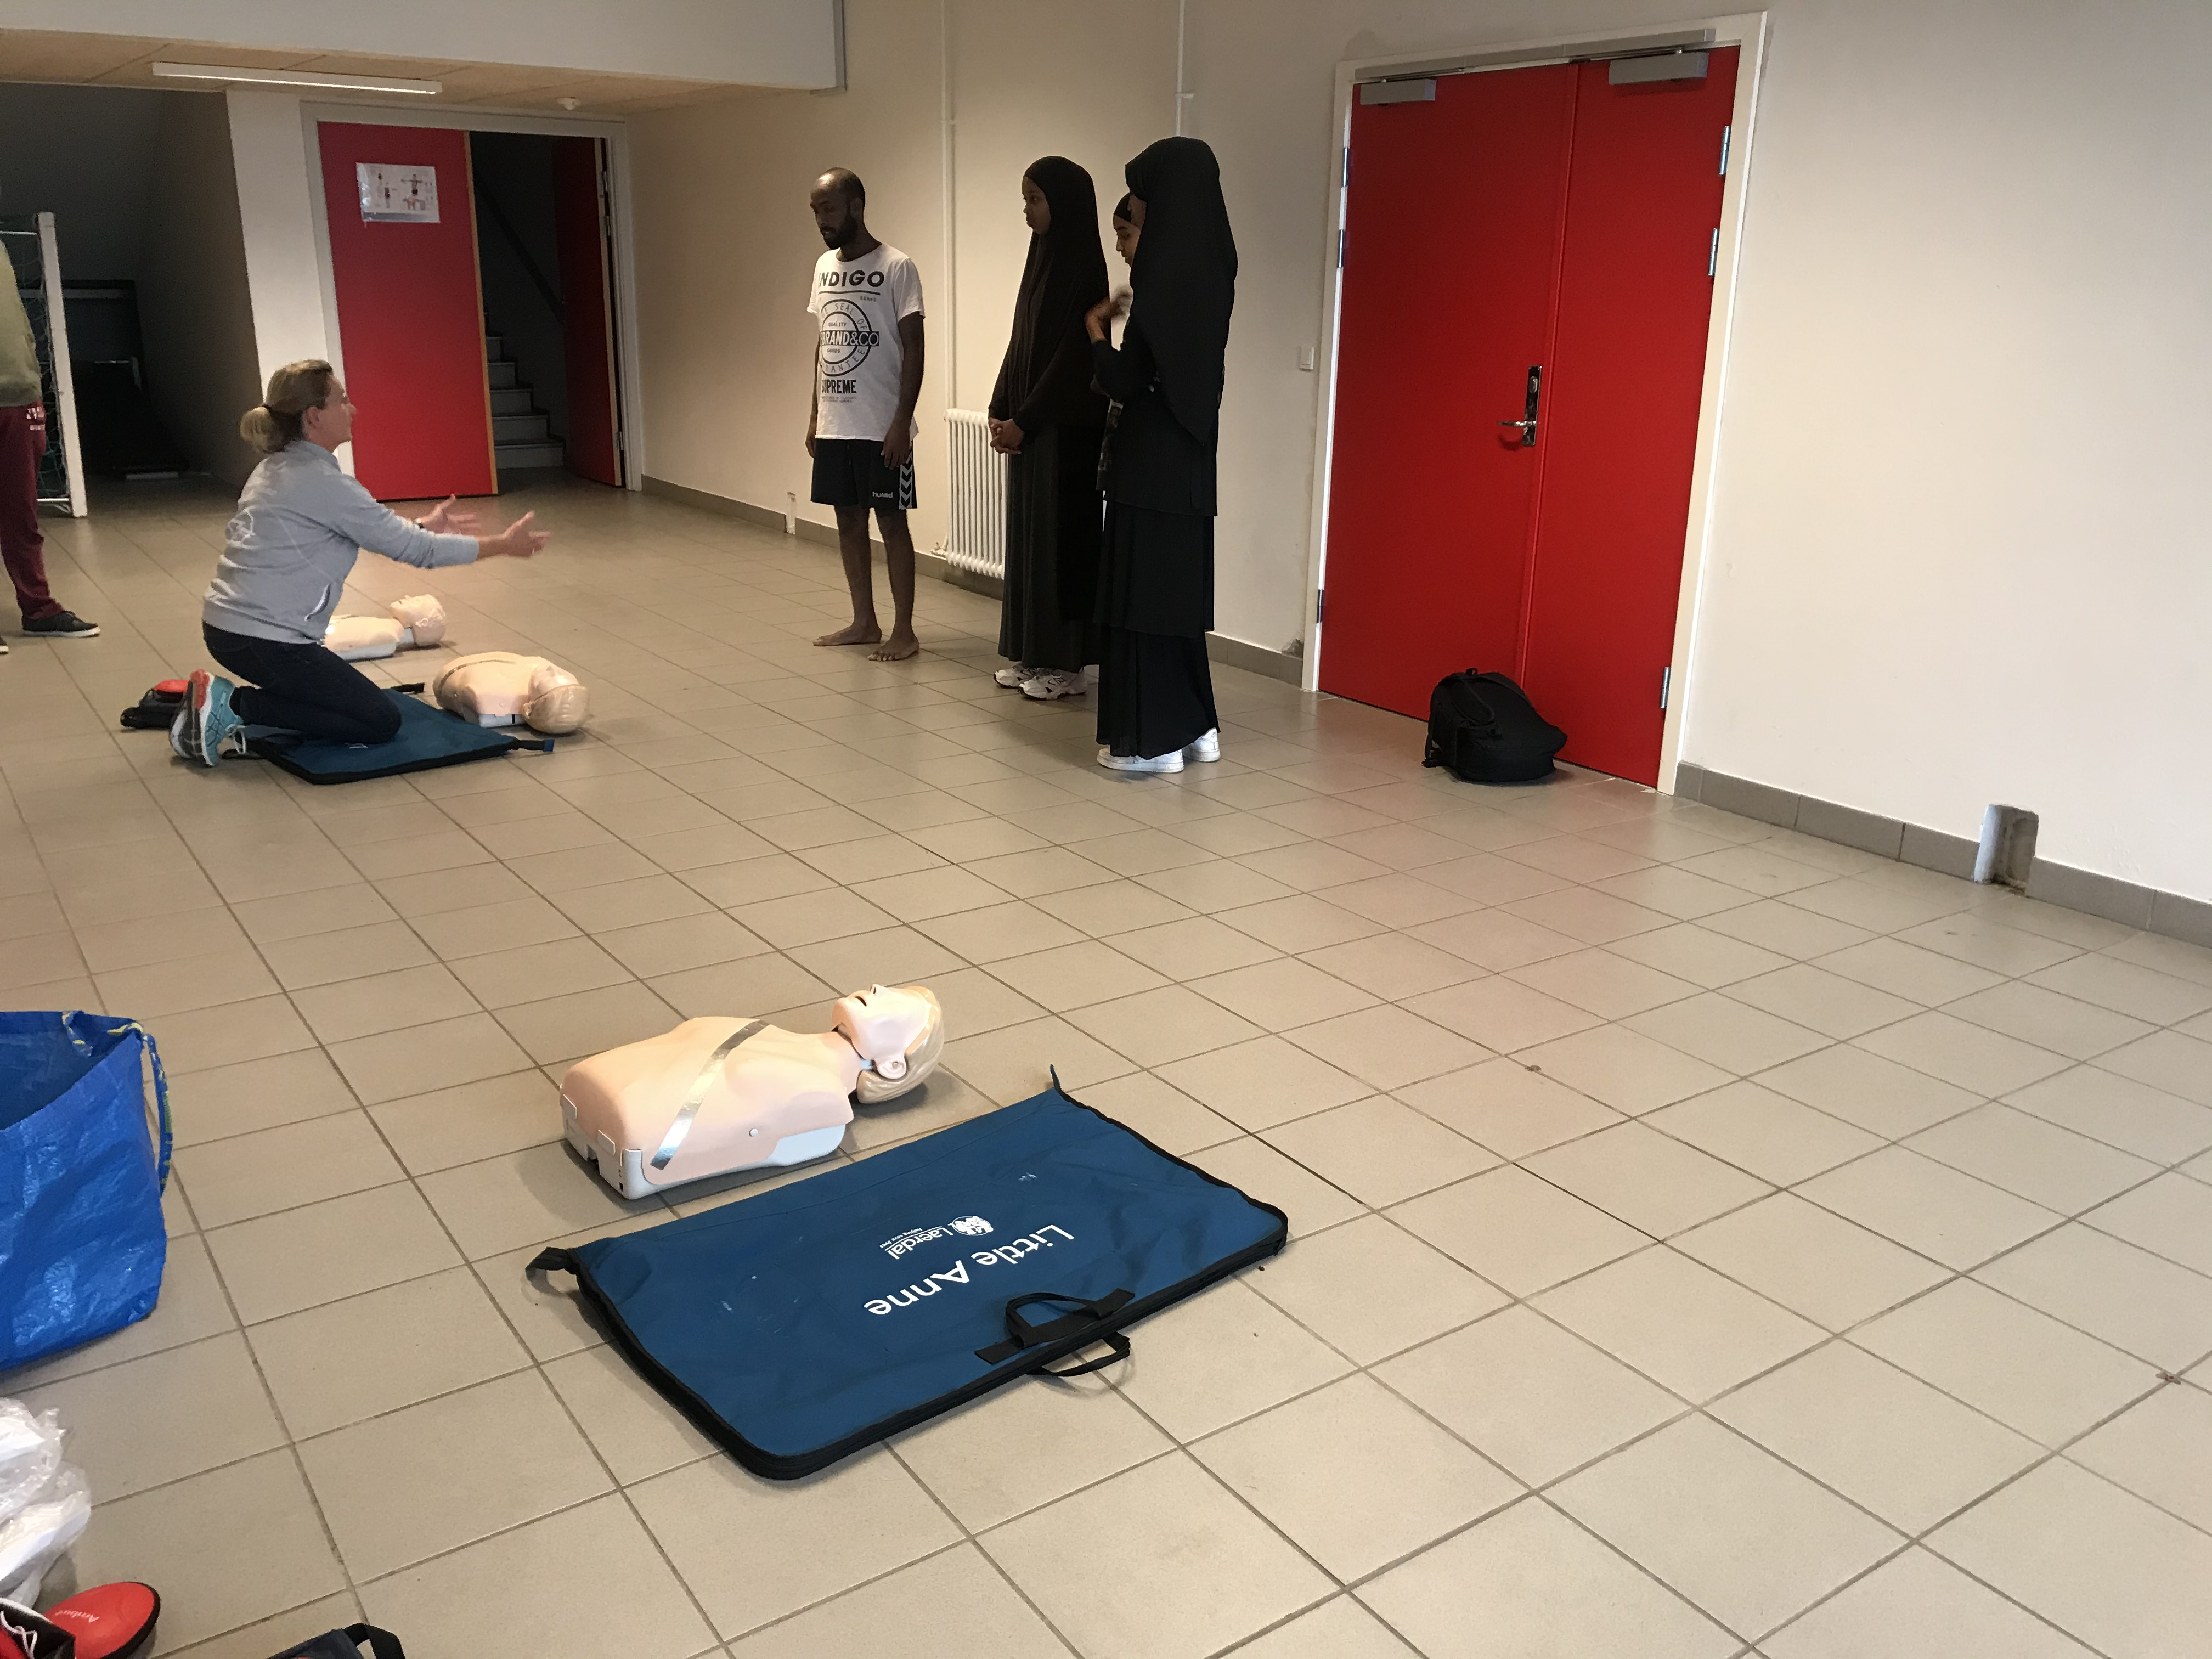 Førstehjælp-og-bassin-prøve-3-oktober-2020-001